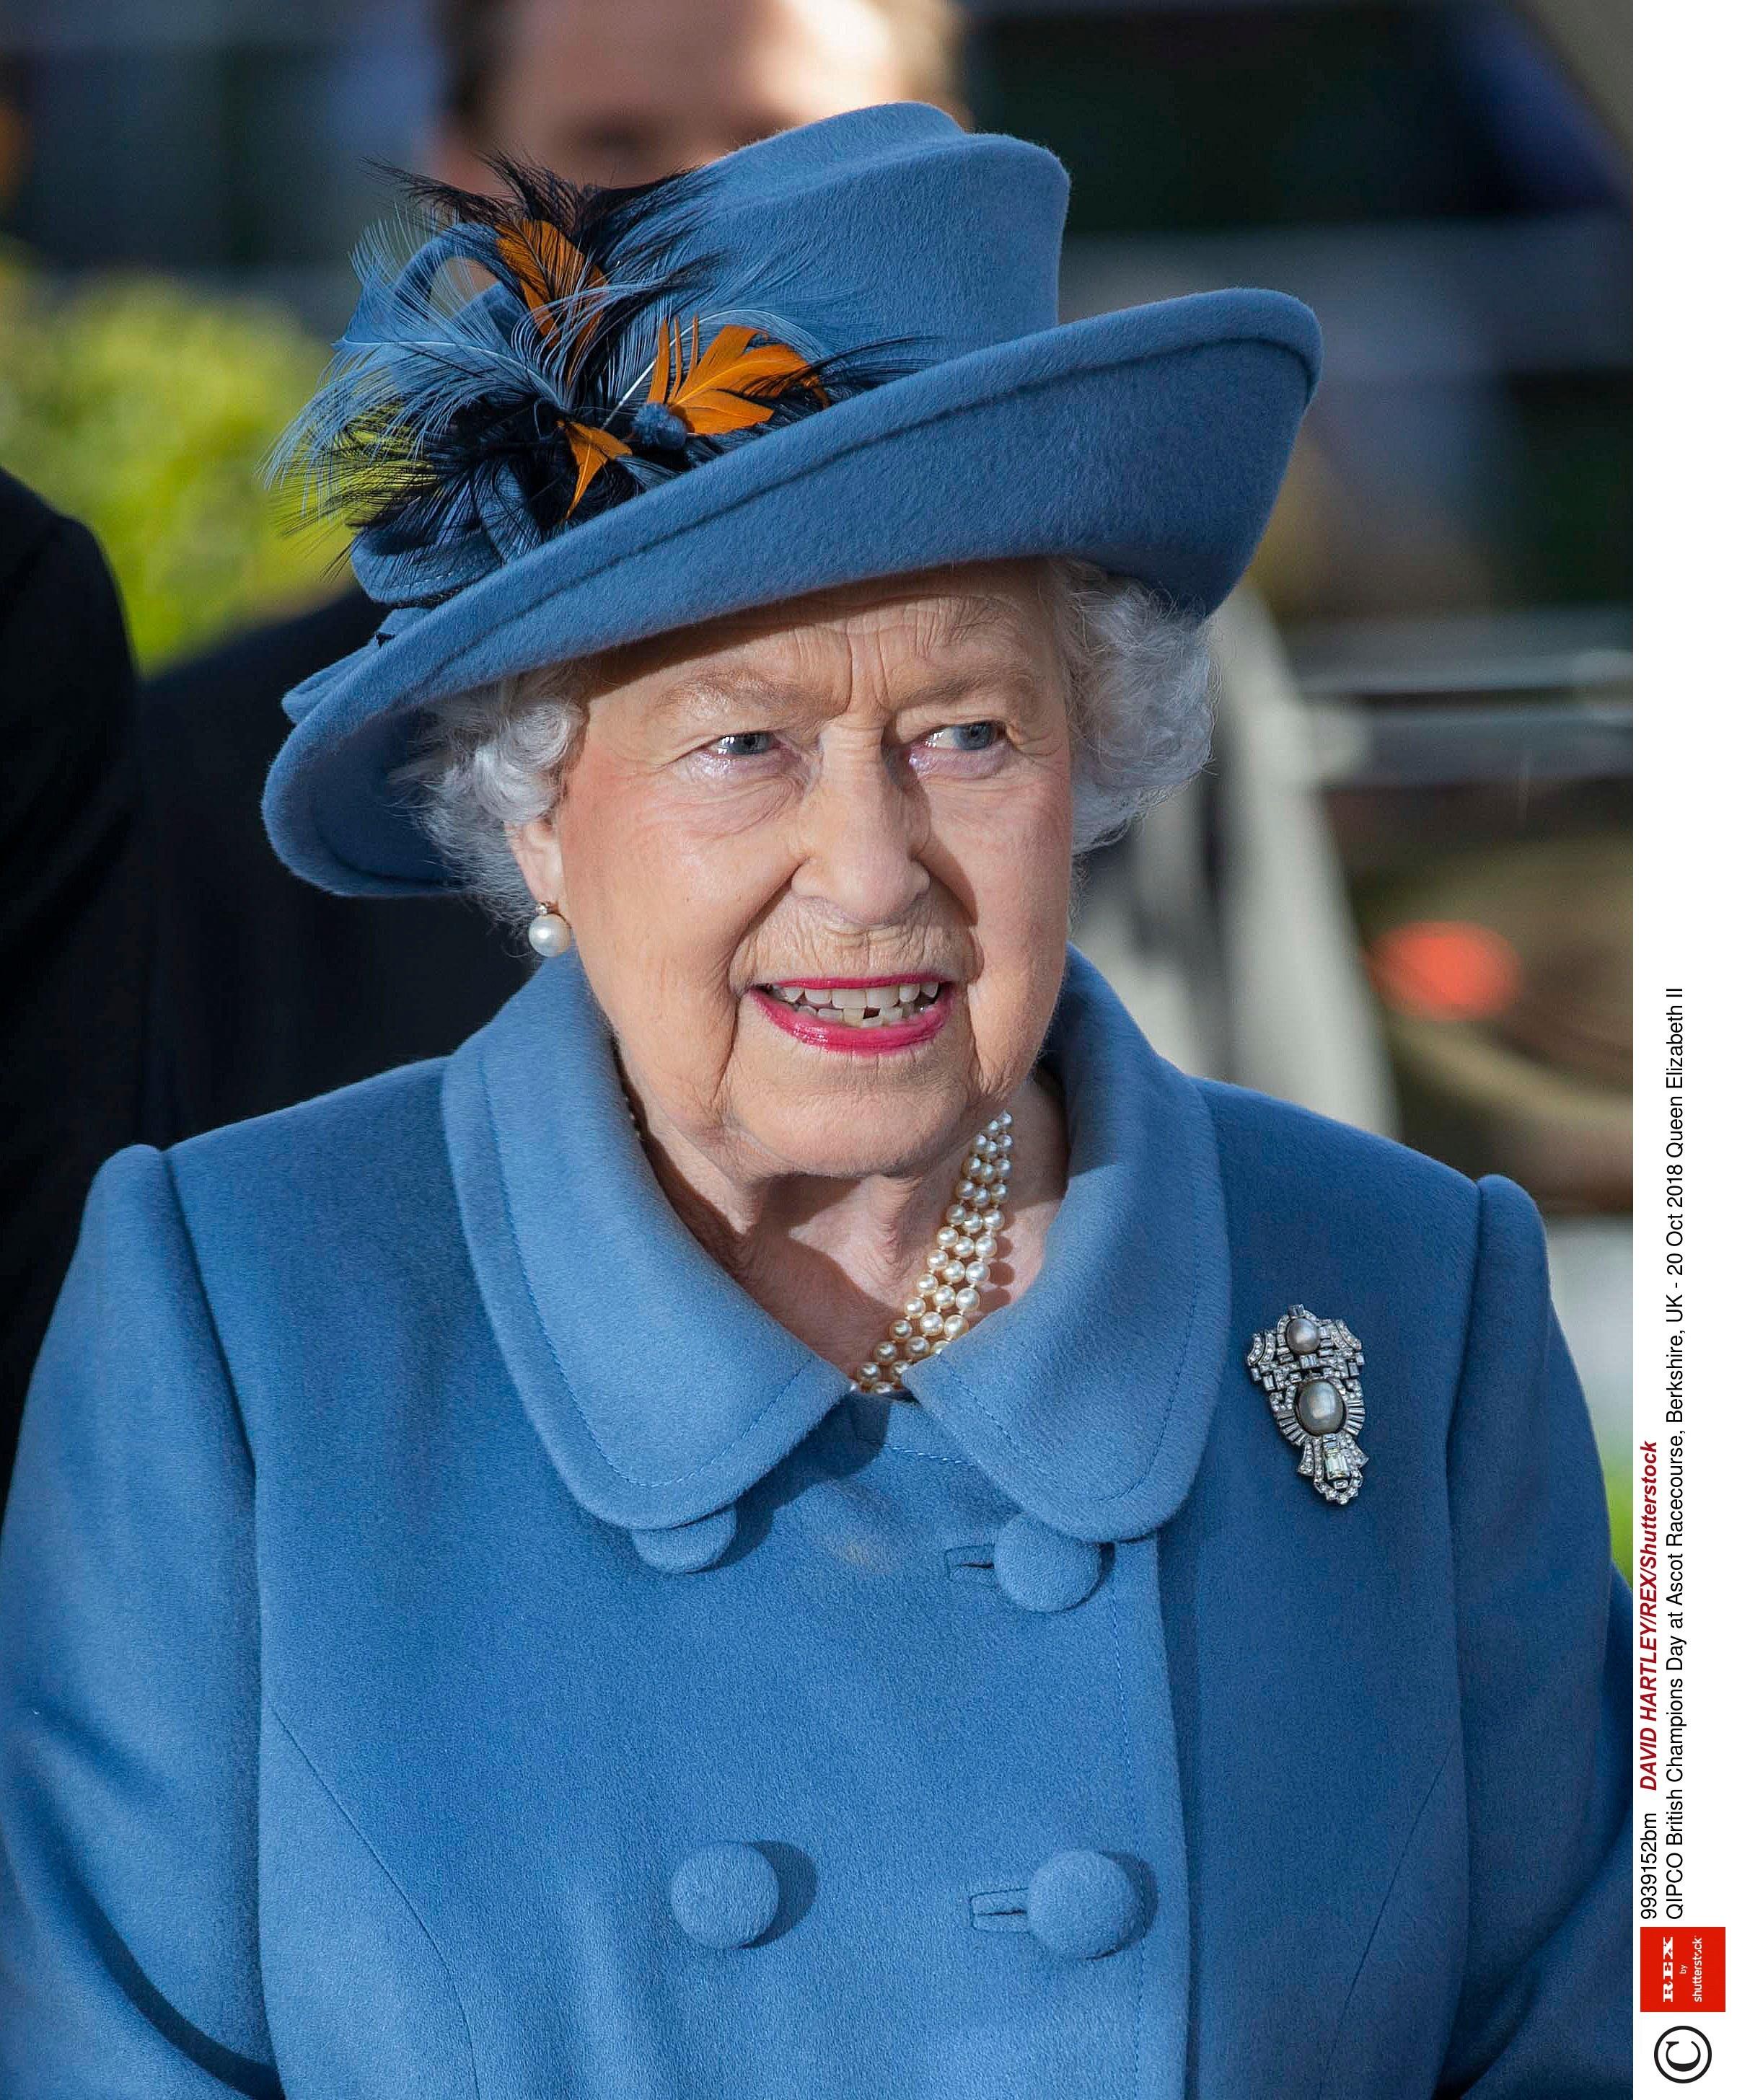 Этим правилом пользуются и герцогиня Кембриджская, и герцогиня Сассекская, и королева Елизавета II. Королевский протокол запрещает членам монаршей семьи ярко краситься, но даже без запрет...